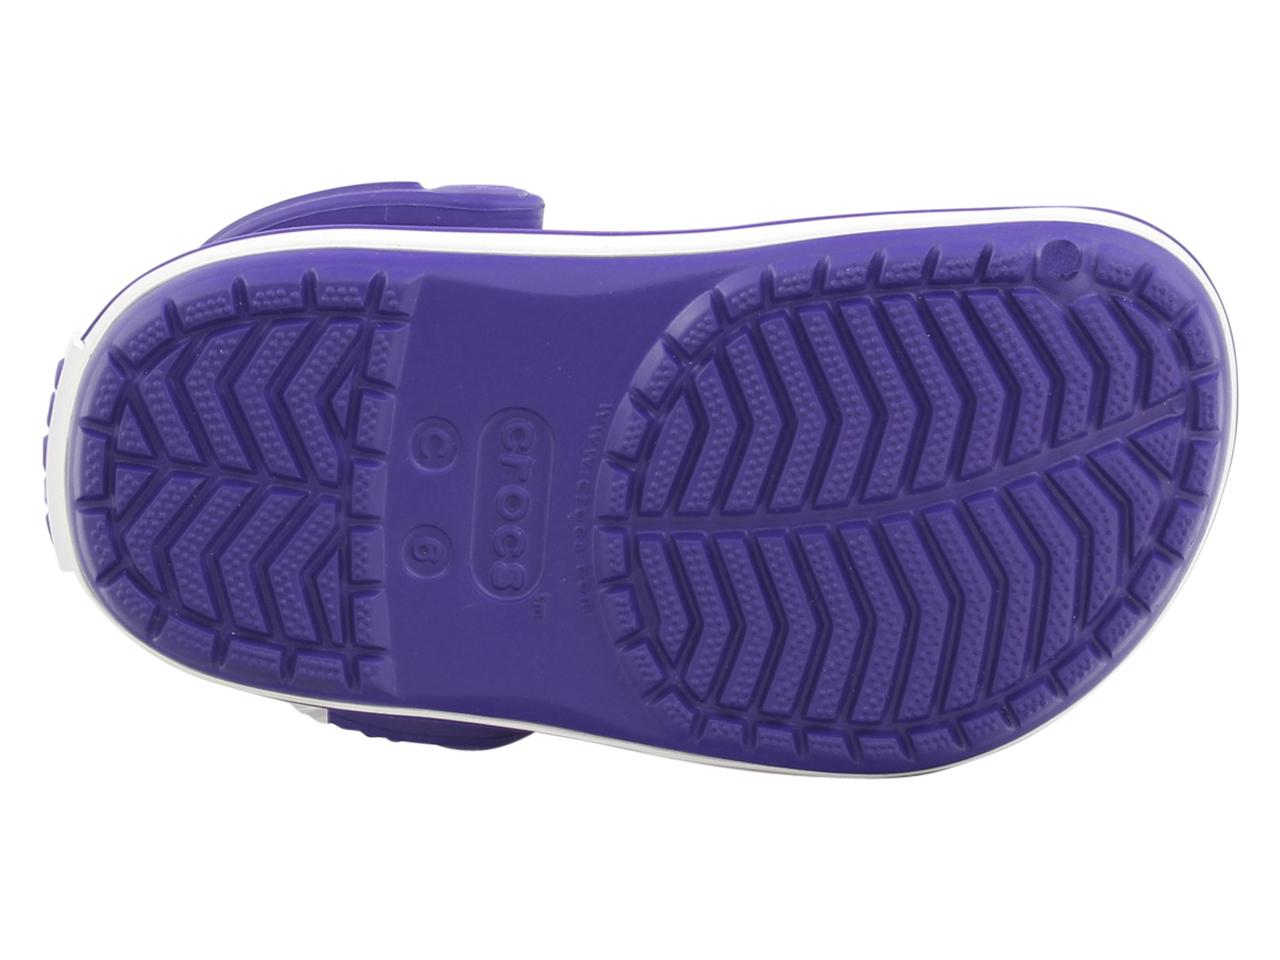 Crocs-Little-Kid-039-s-Crocband-Clogs-Sandals-Shoes thumbnail 21